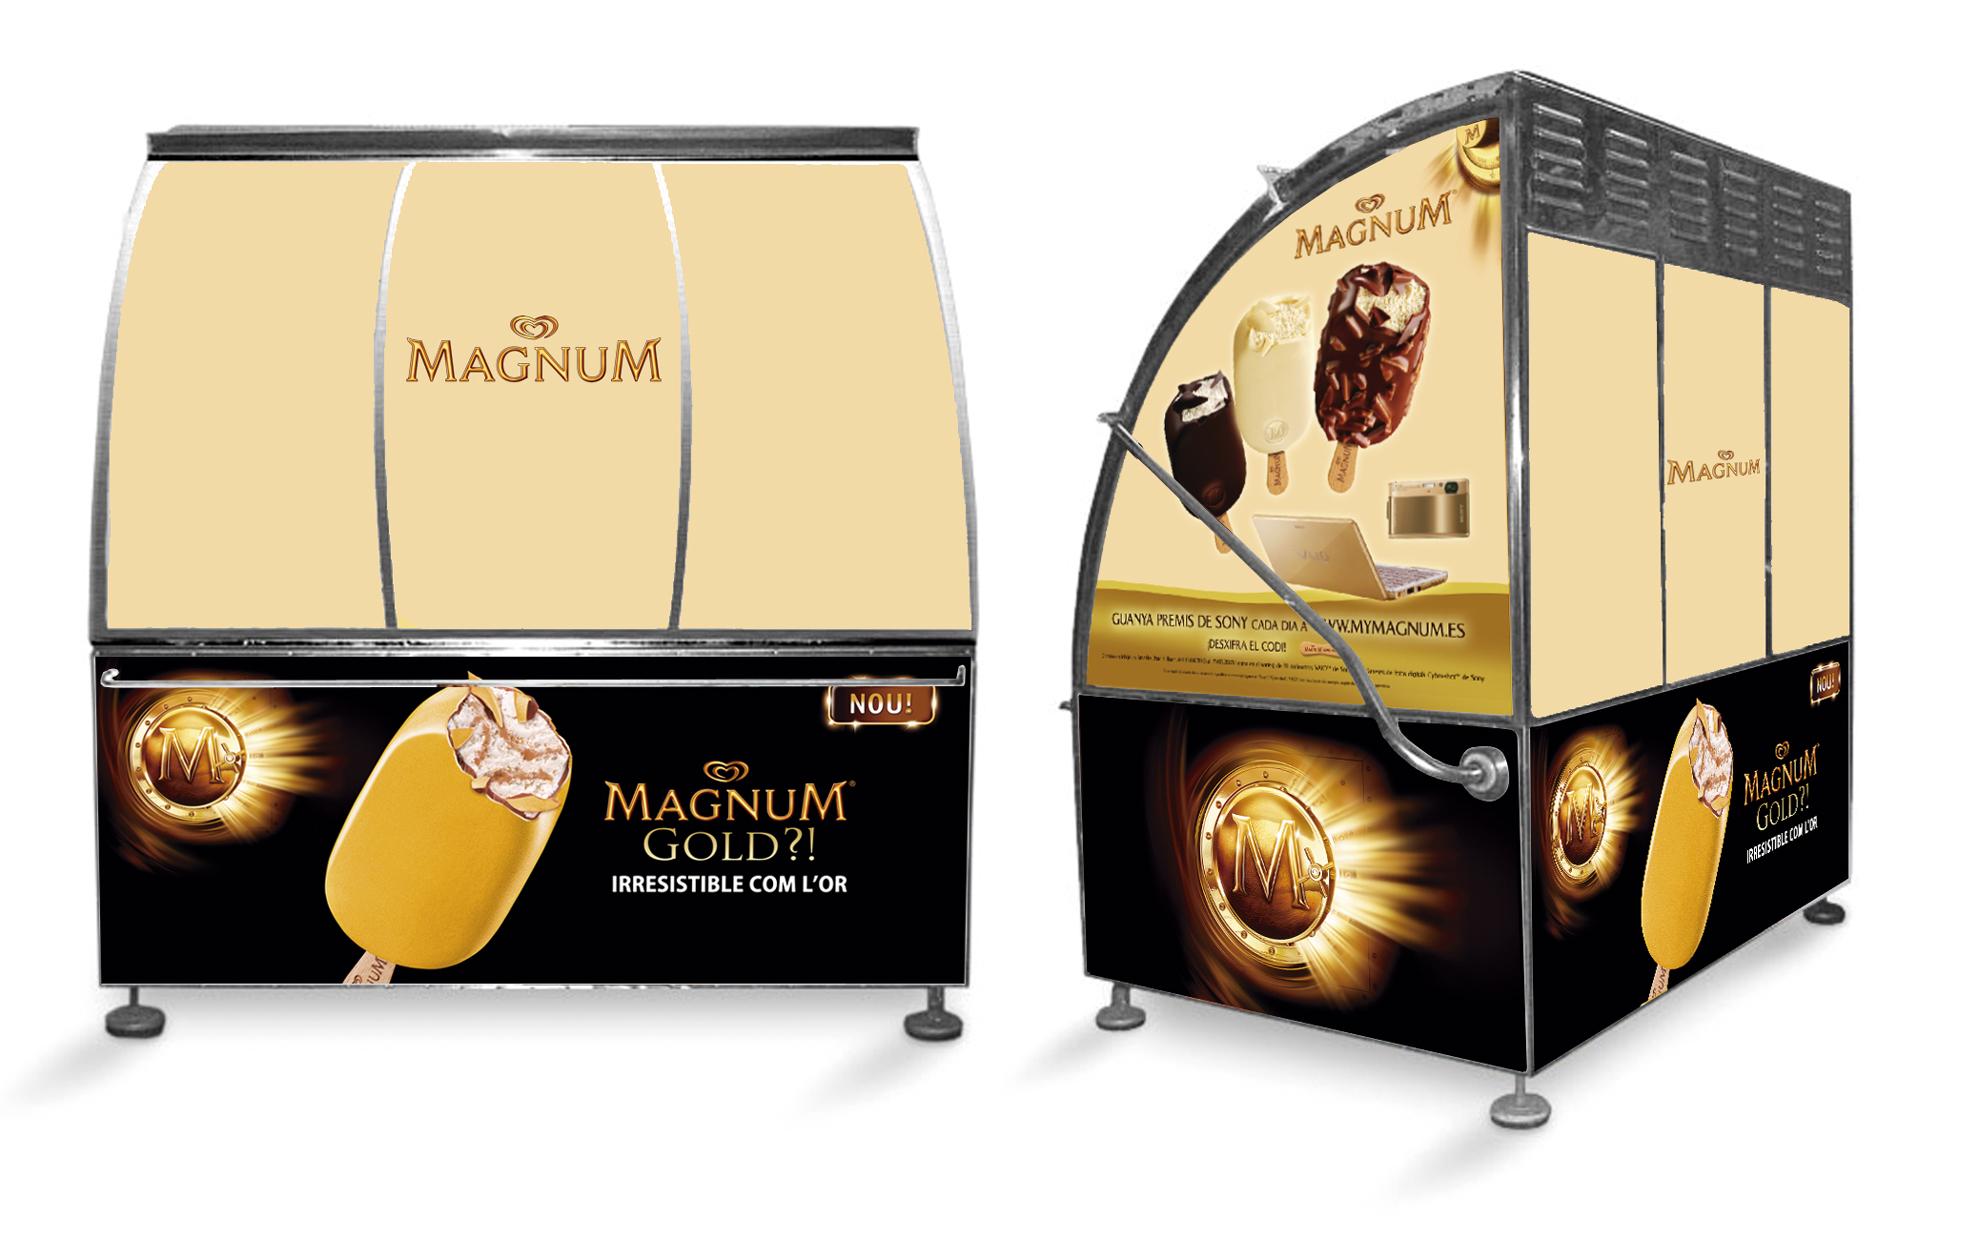 kiosko_magnum-BCN